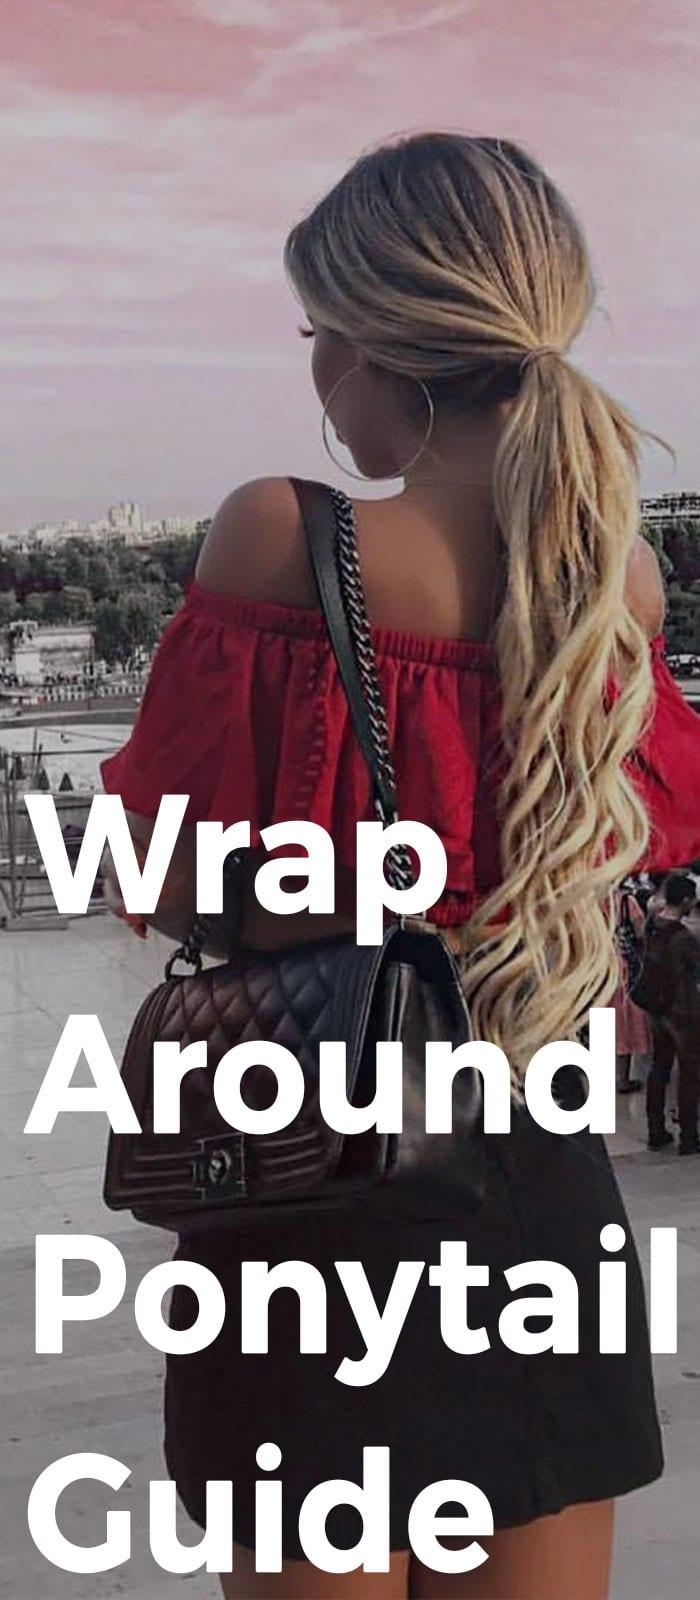 Wrap Around Ponytail Guide